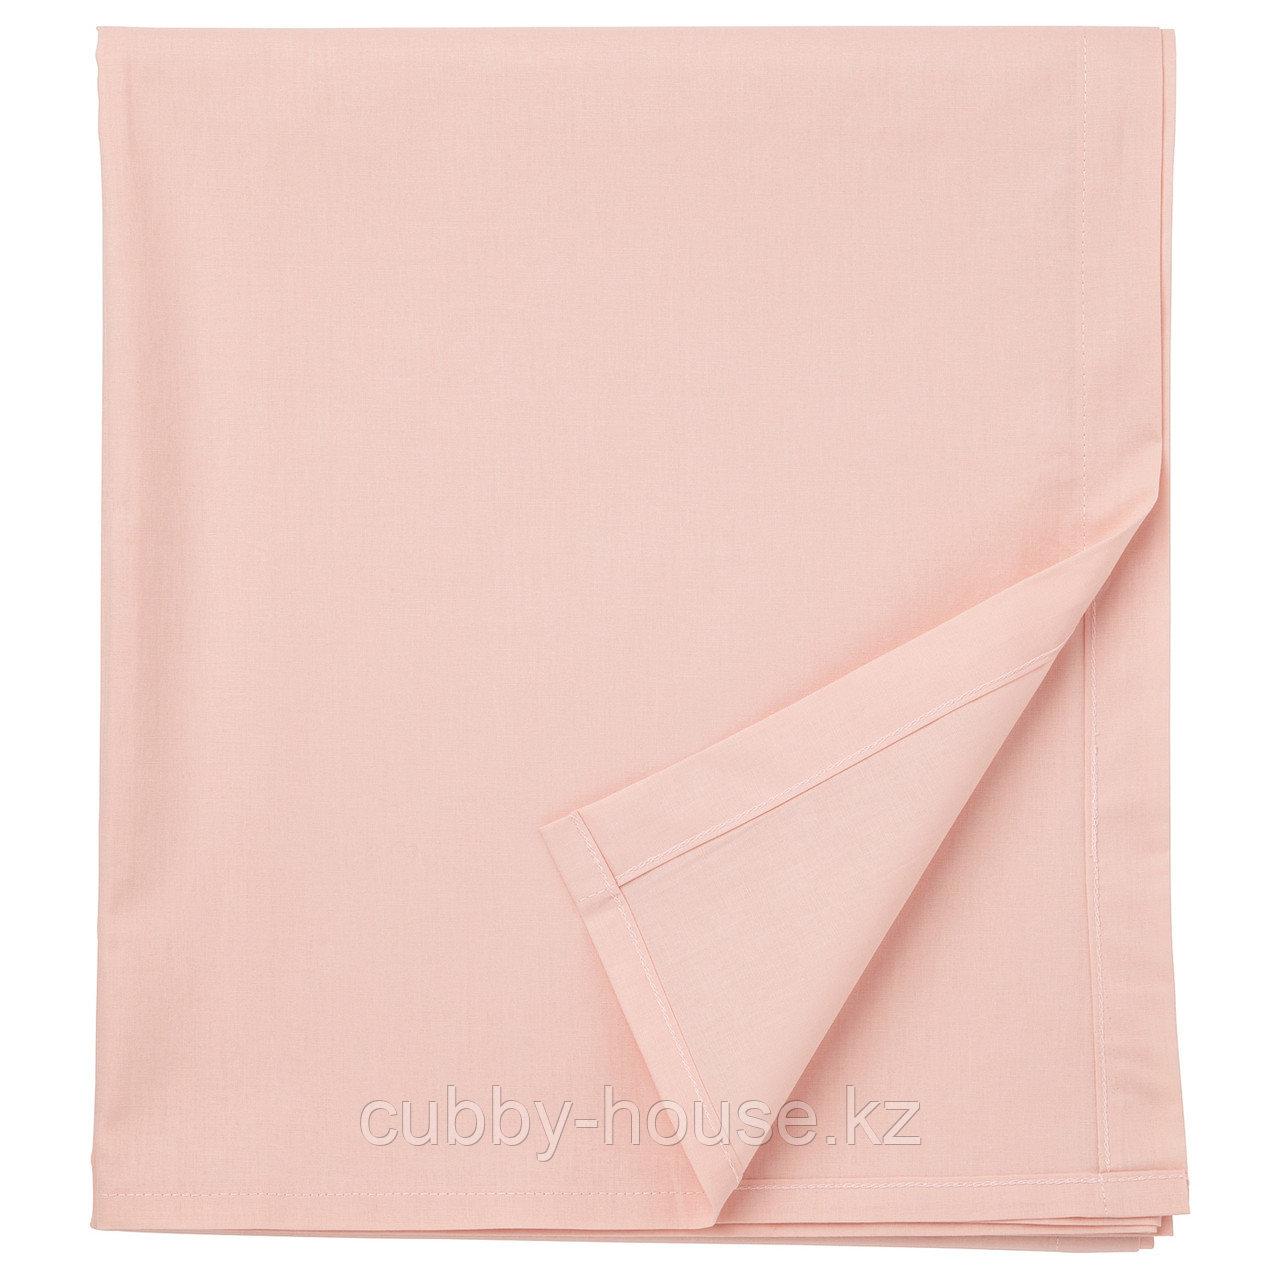 ДВАЛА Простыня, светло-розовый, 240x260 см